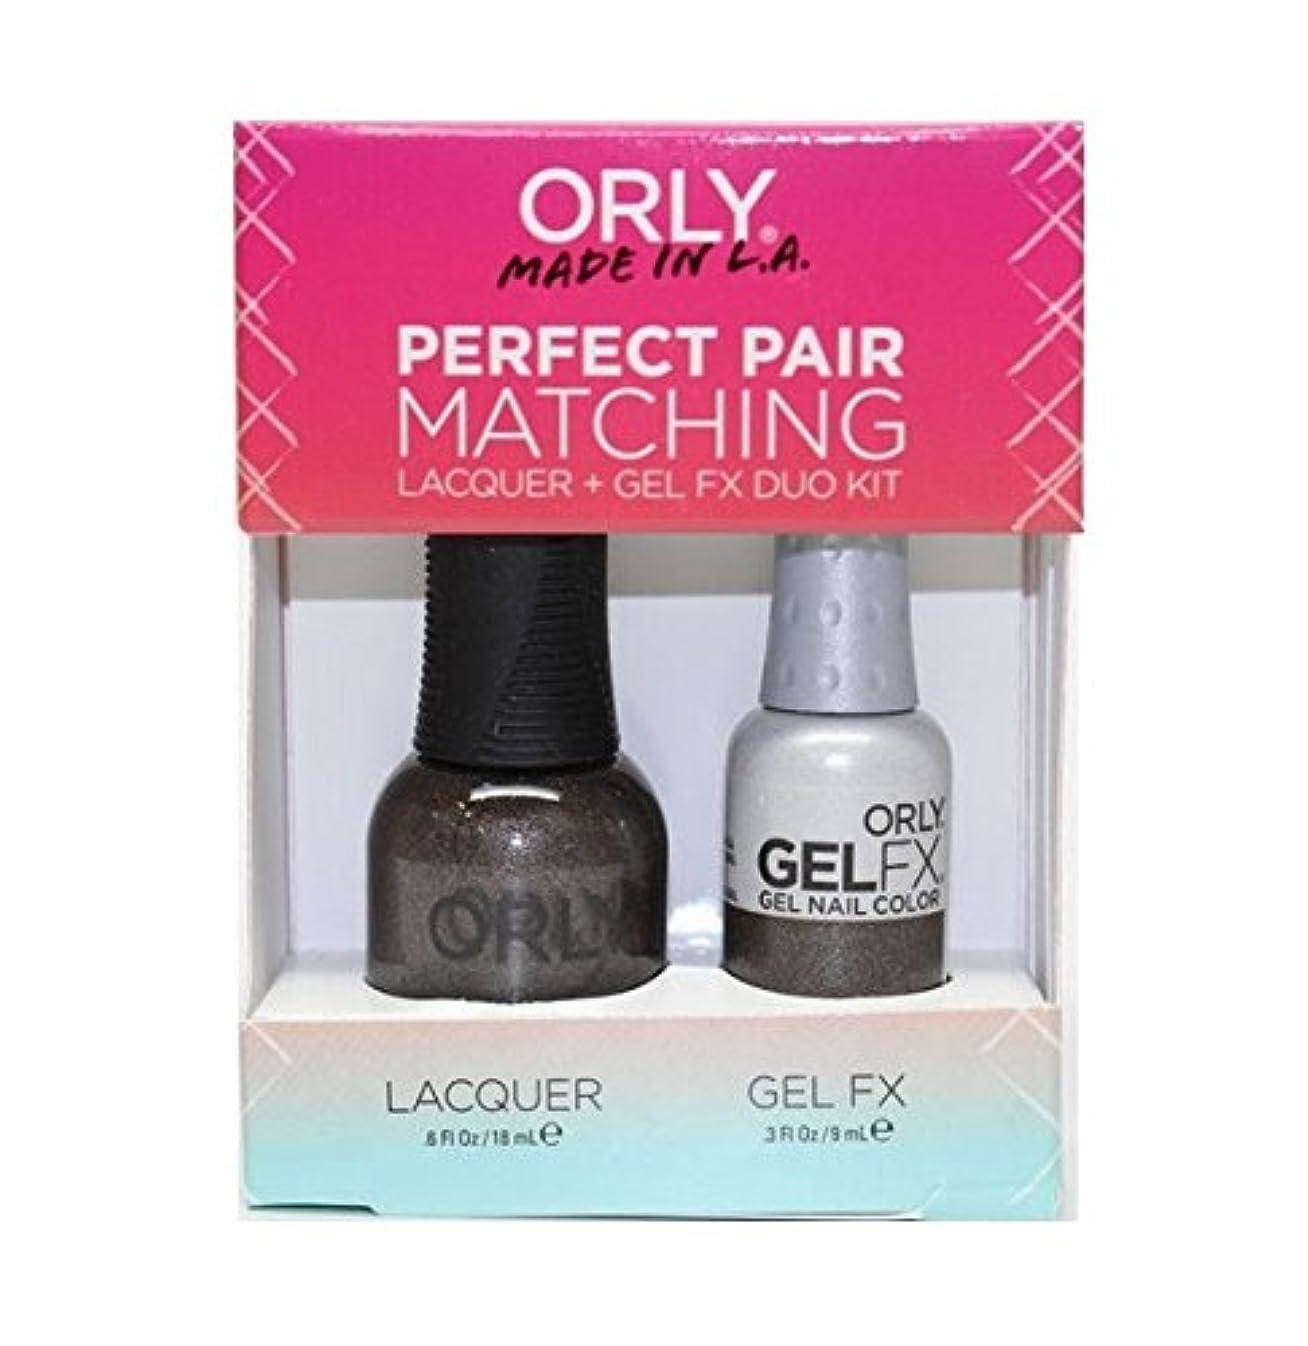 宇宙取り付けビリーOrly - Perfect Pair Matching Lacquer+Gel FX Kit - Seagurl - 0.6 oz / 0.3 oz